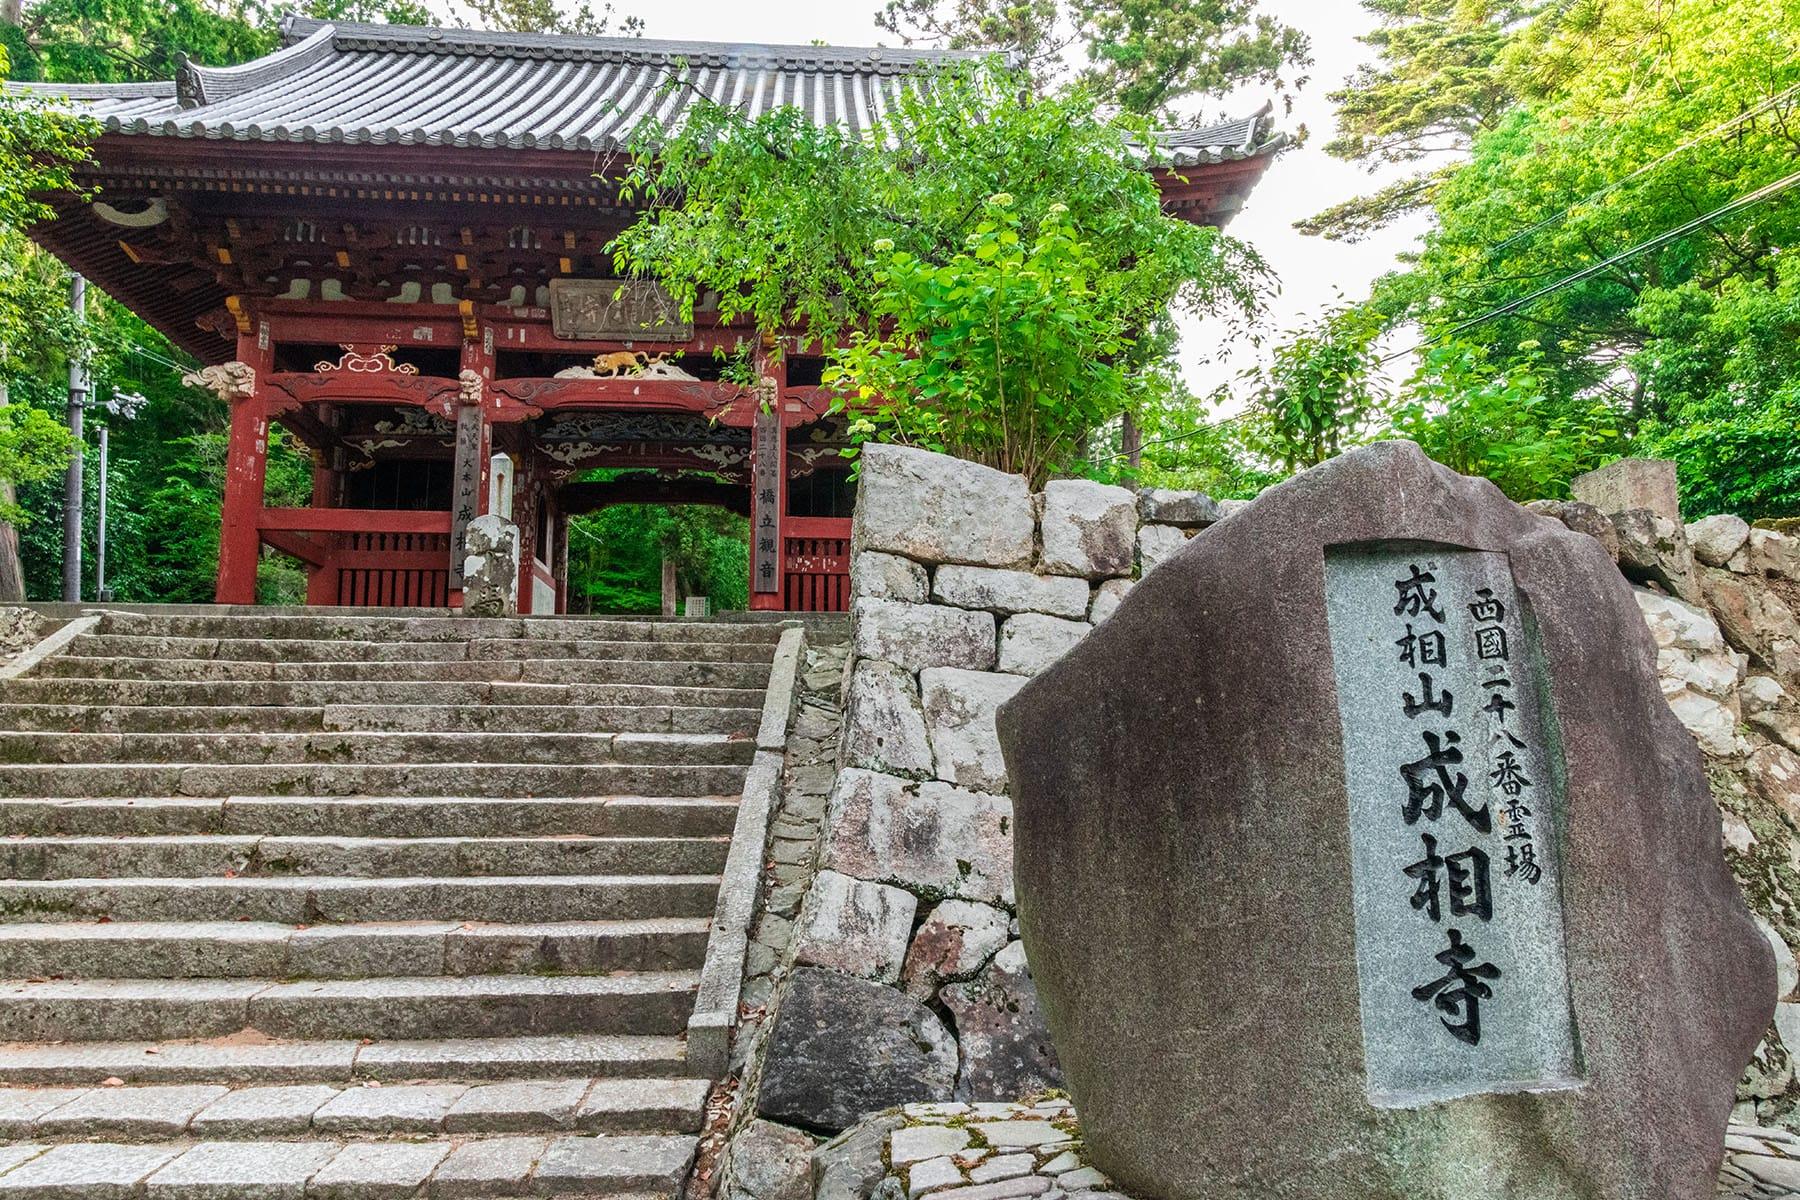 西国札所 第28番【成相山・成相寺】 | フォトさいたま